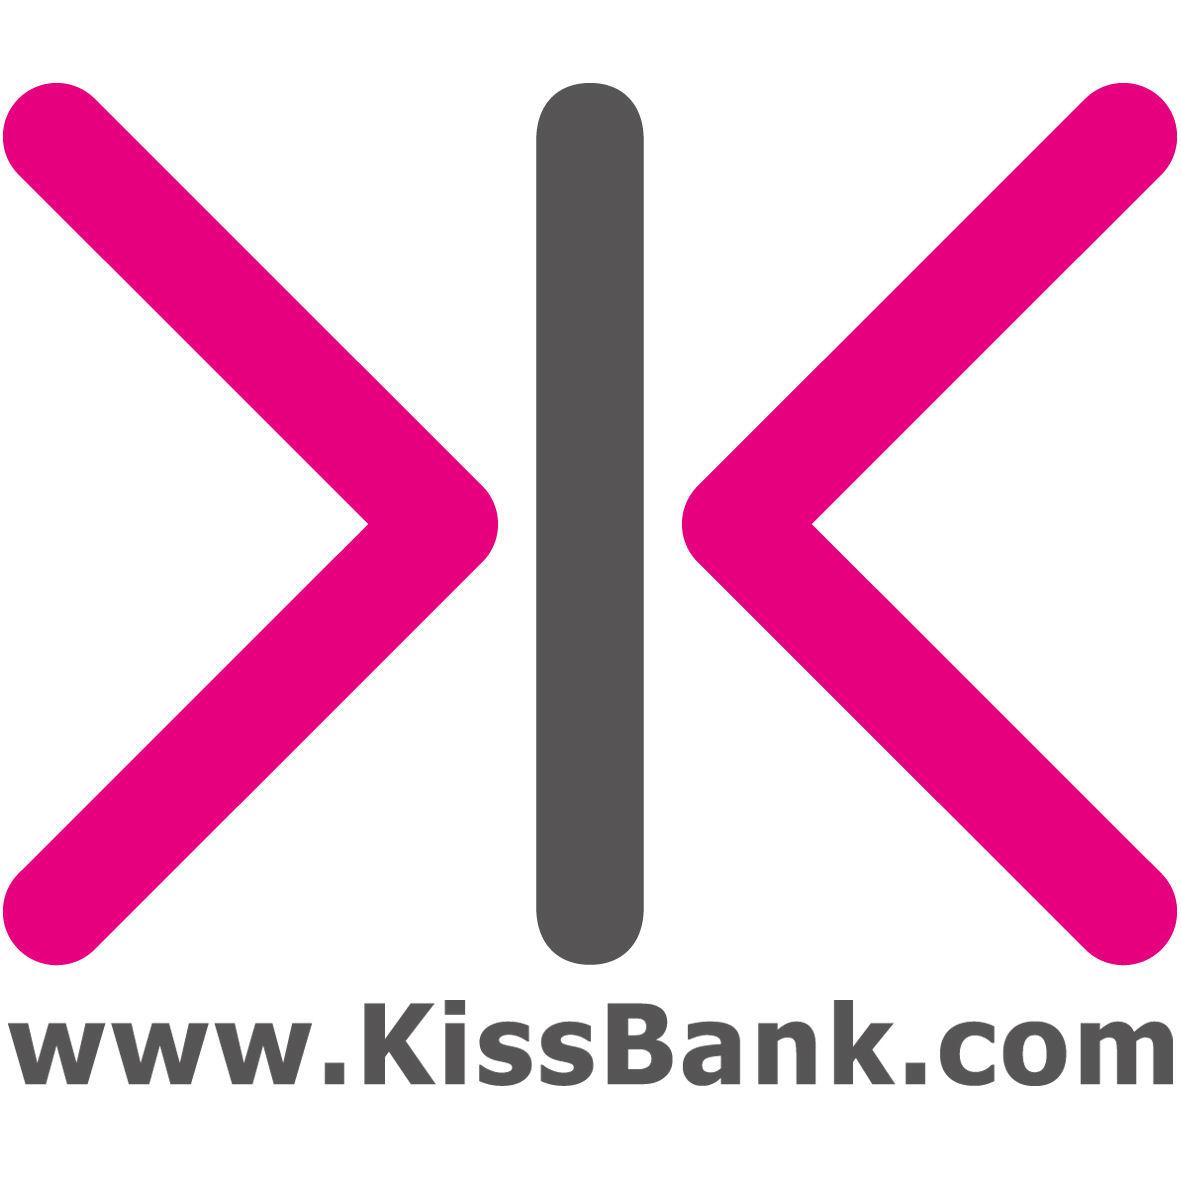 KissBank